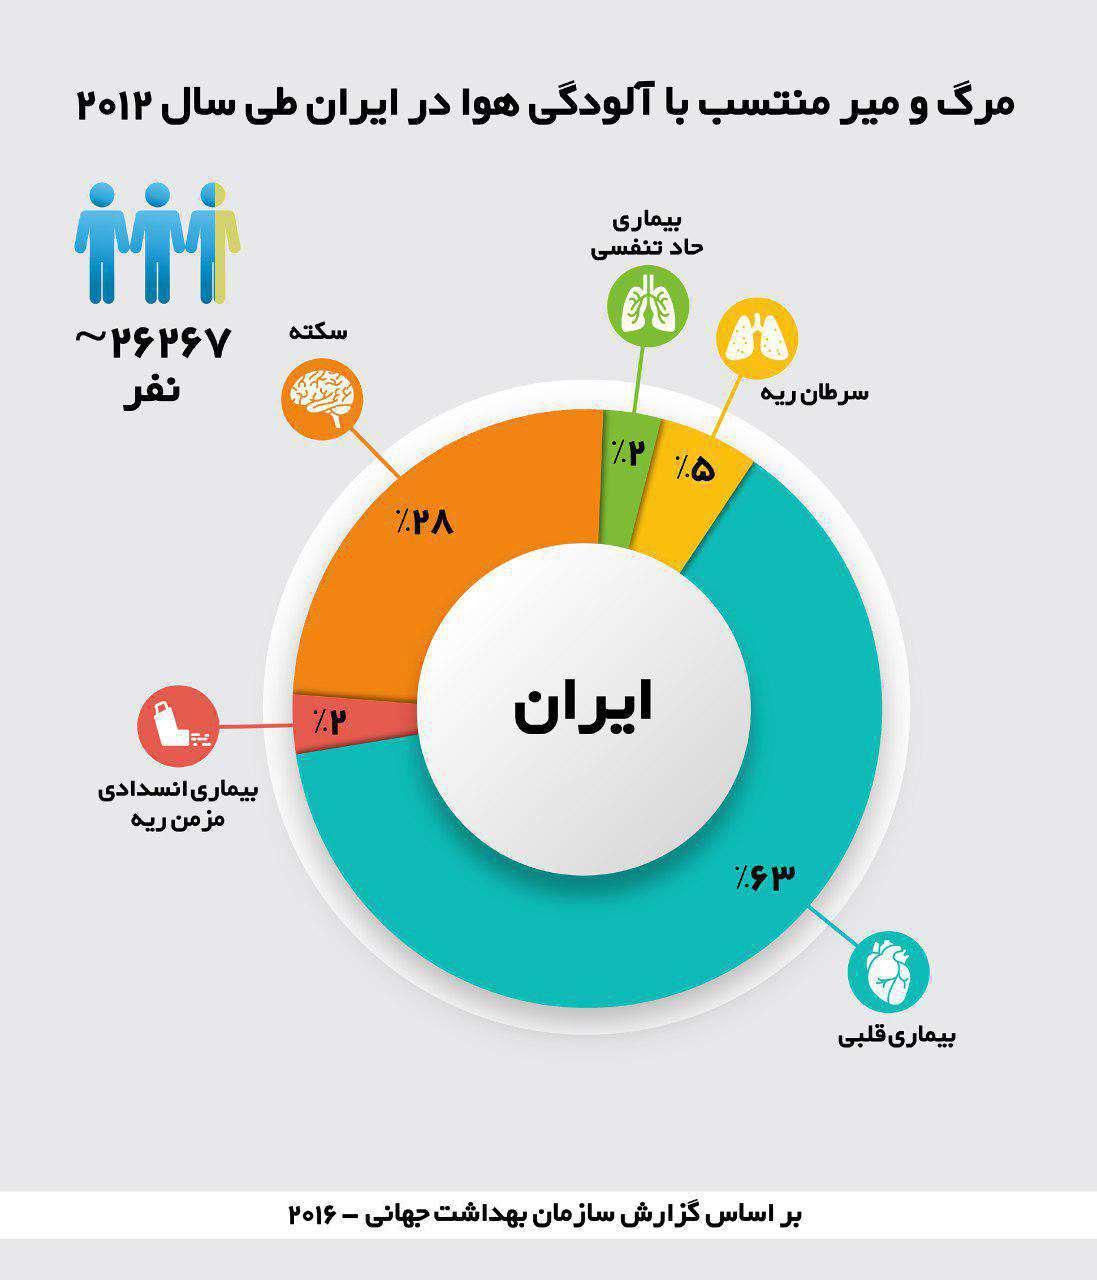 آمار مرگ و میر منتسب به آلودگی هوا در ایران